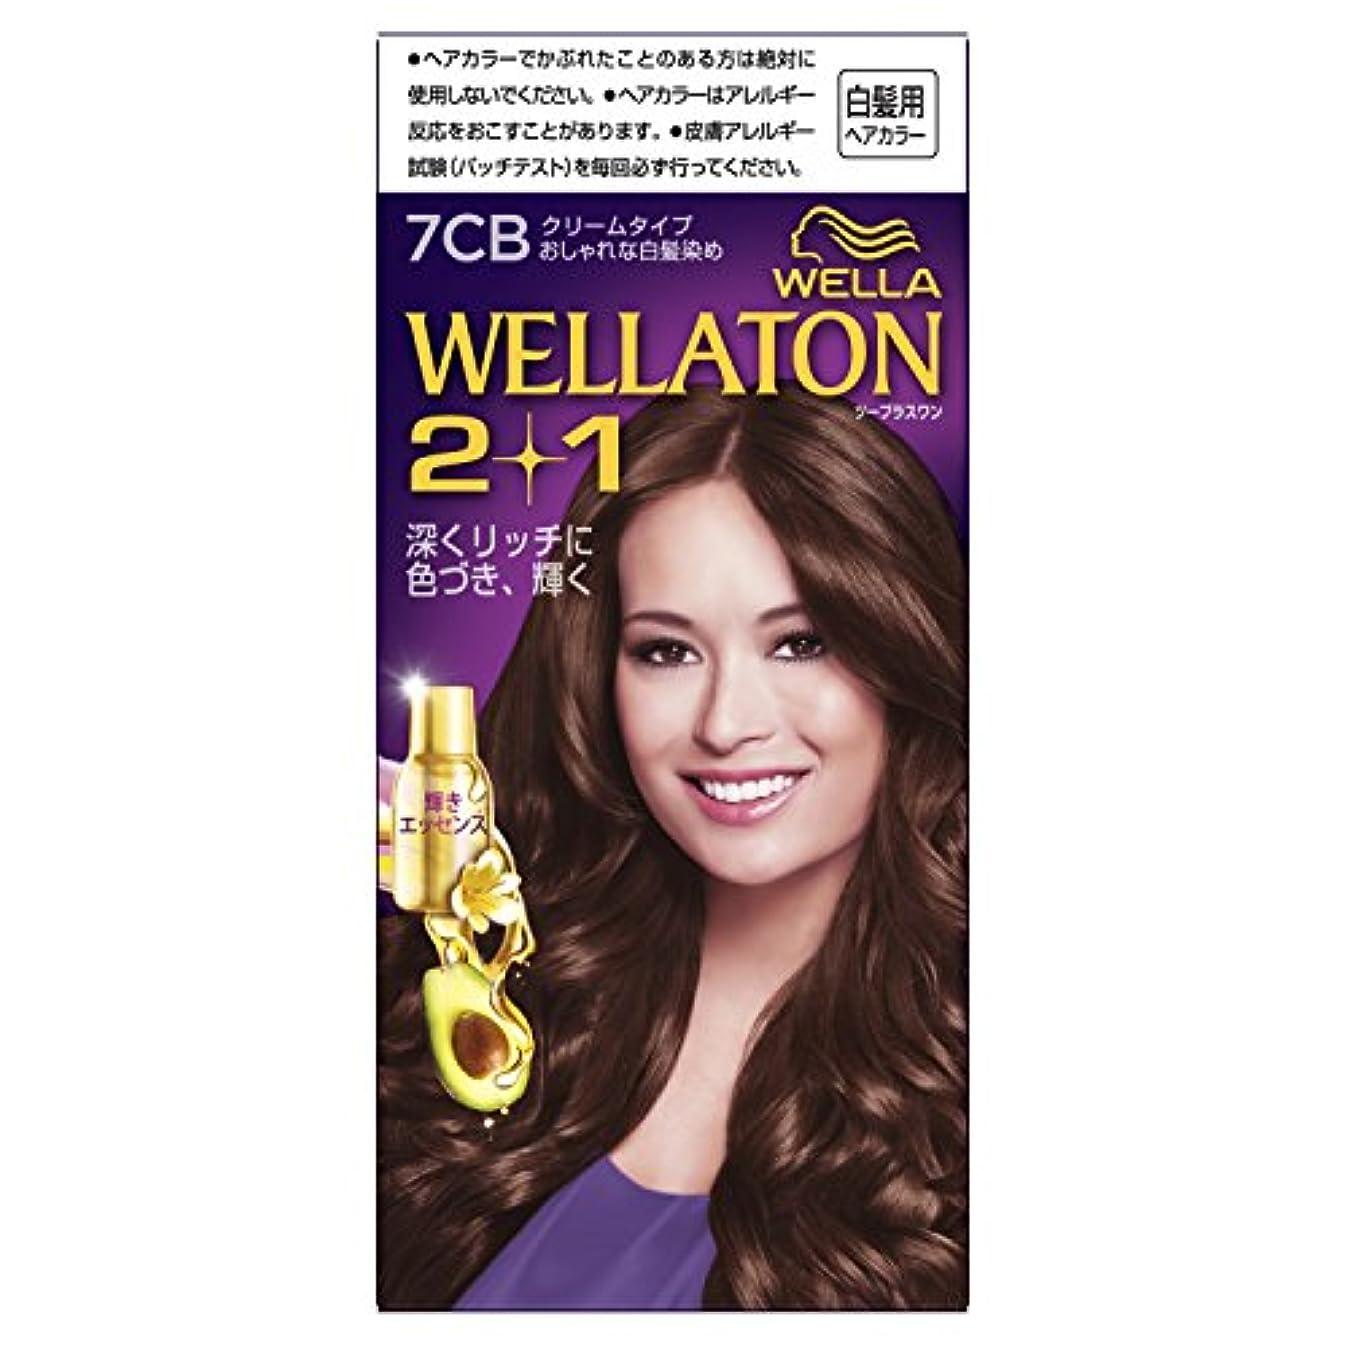 支出解く組ウエラトーン2+1 クリームタイプ 7CB [医薬部外品](おしゃれな白髪染め)